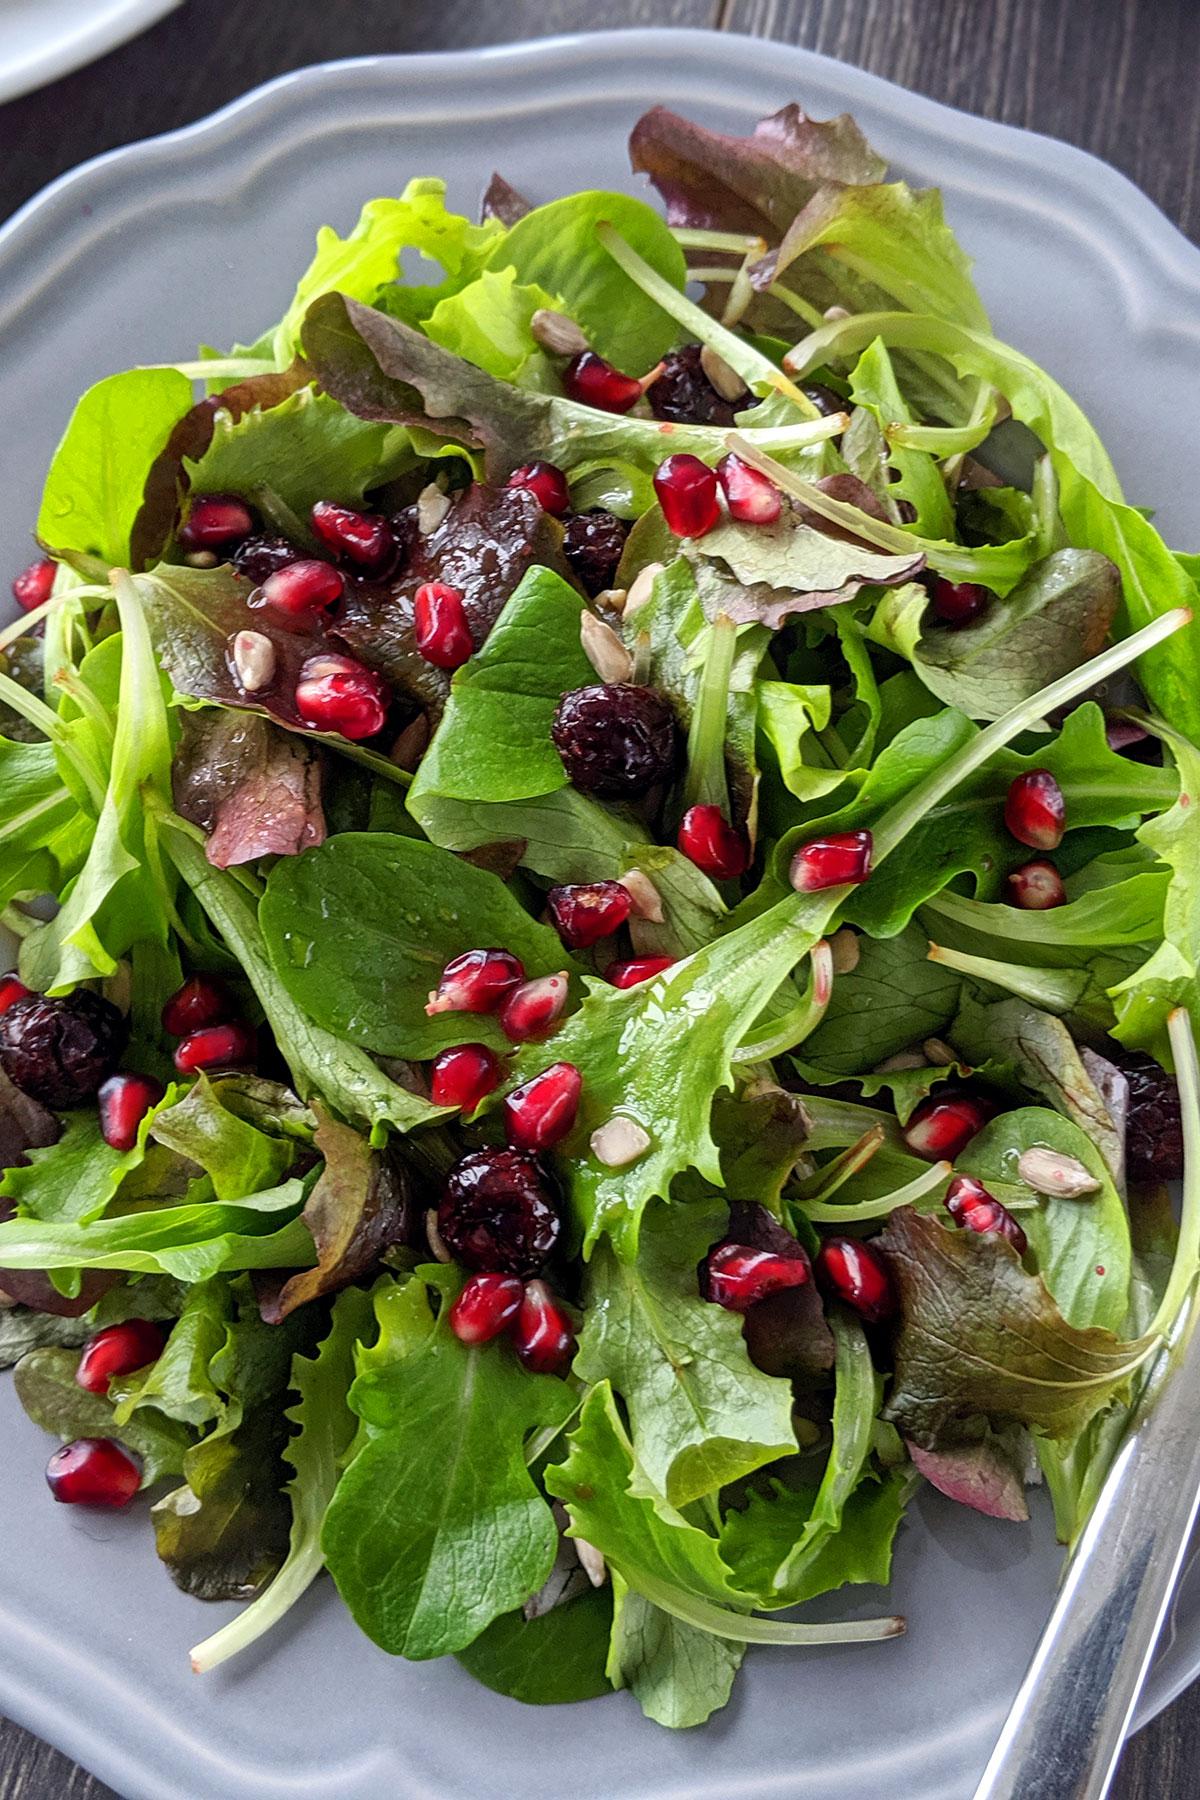 Sunflower Seed Salad